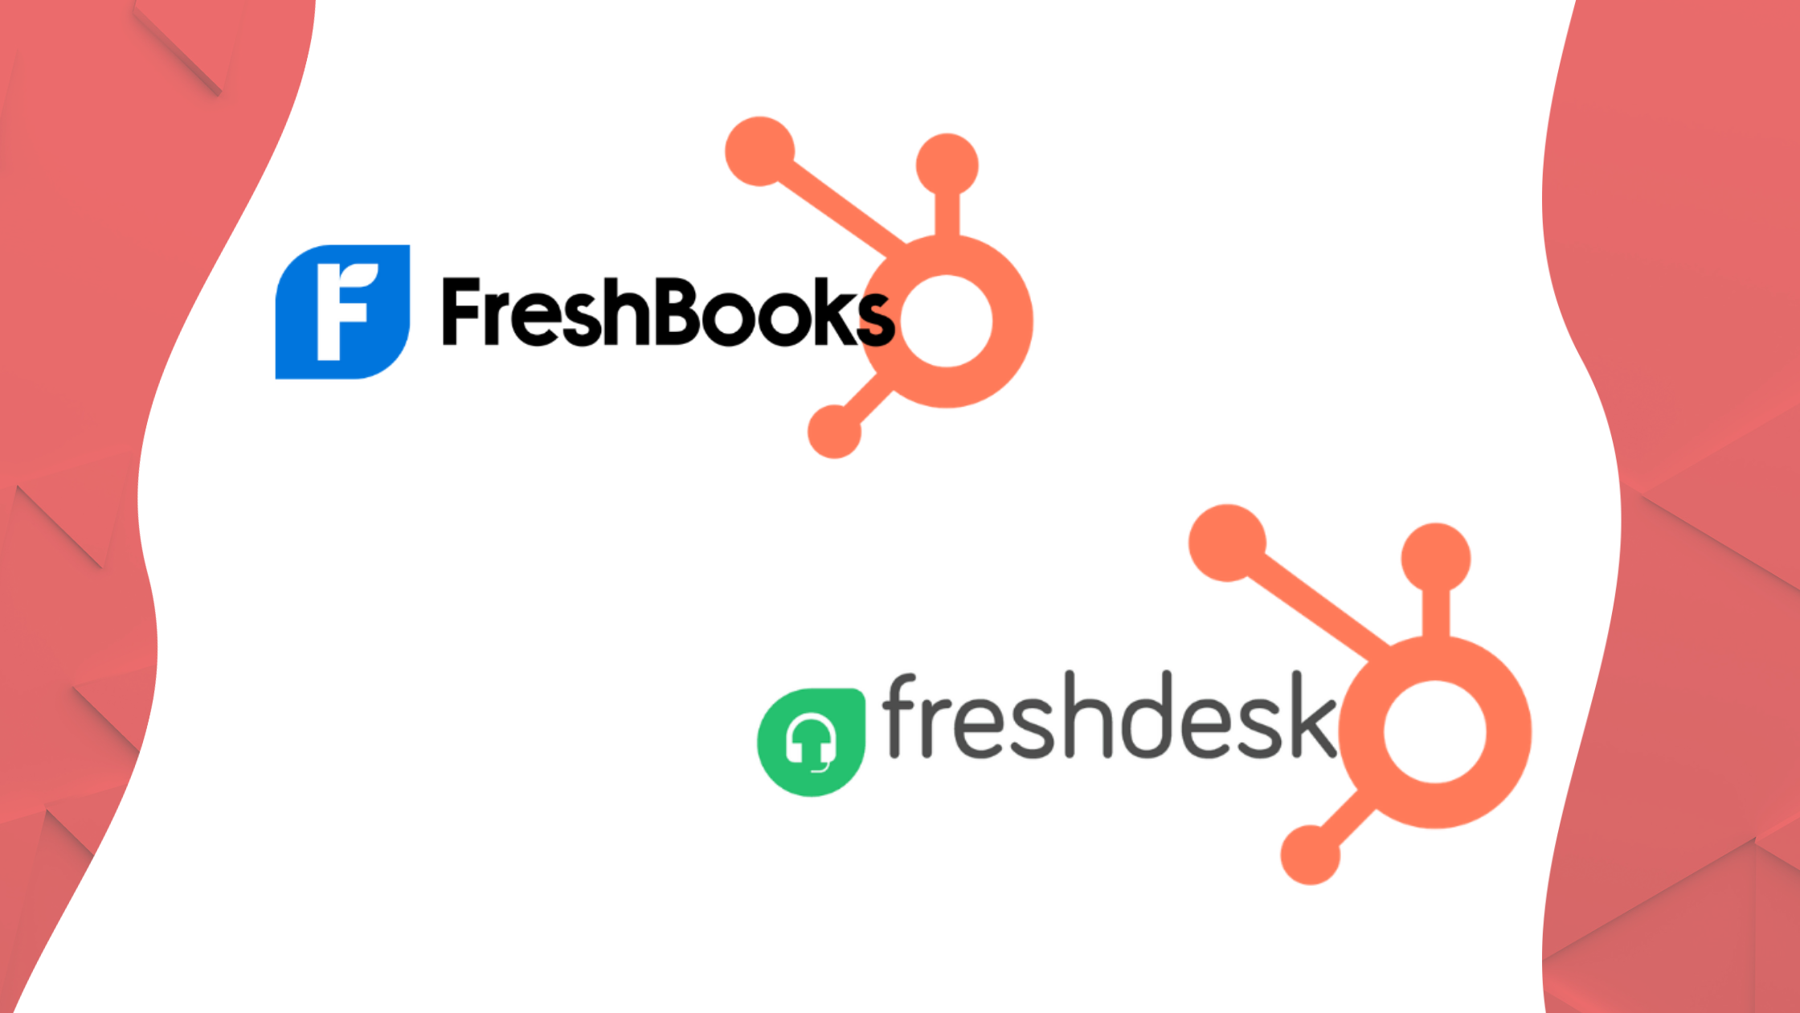 Freshbooks Hubspot integration Freshdesk Hubspot integration